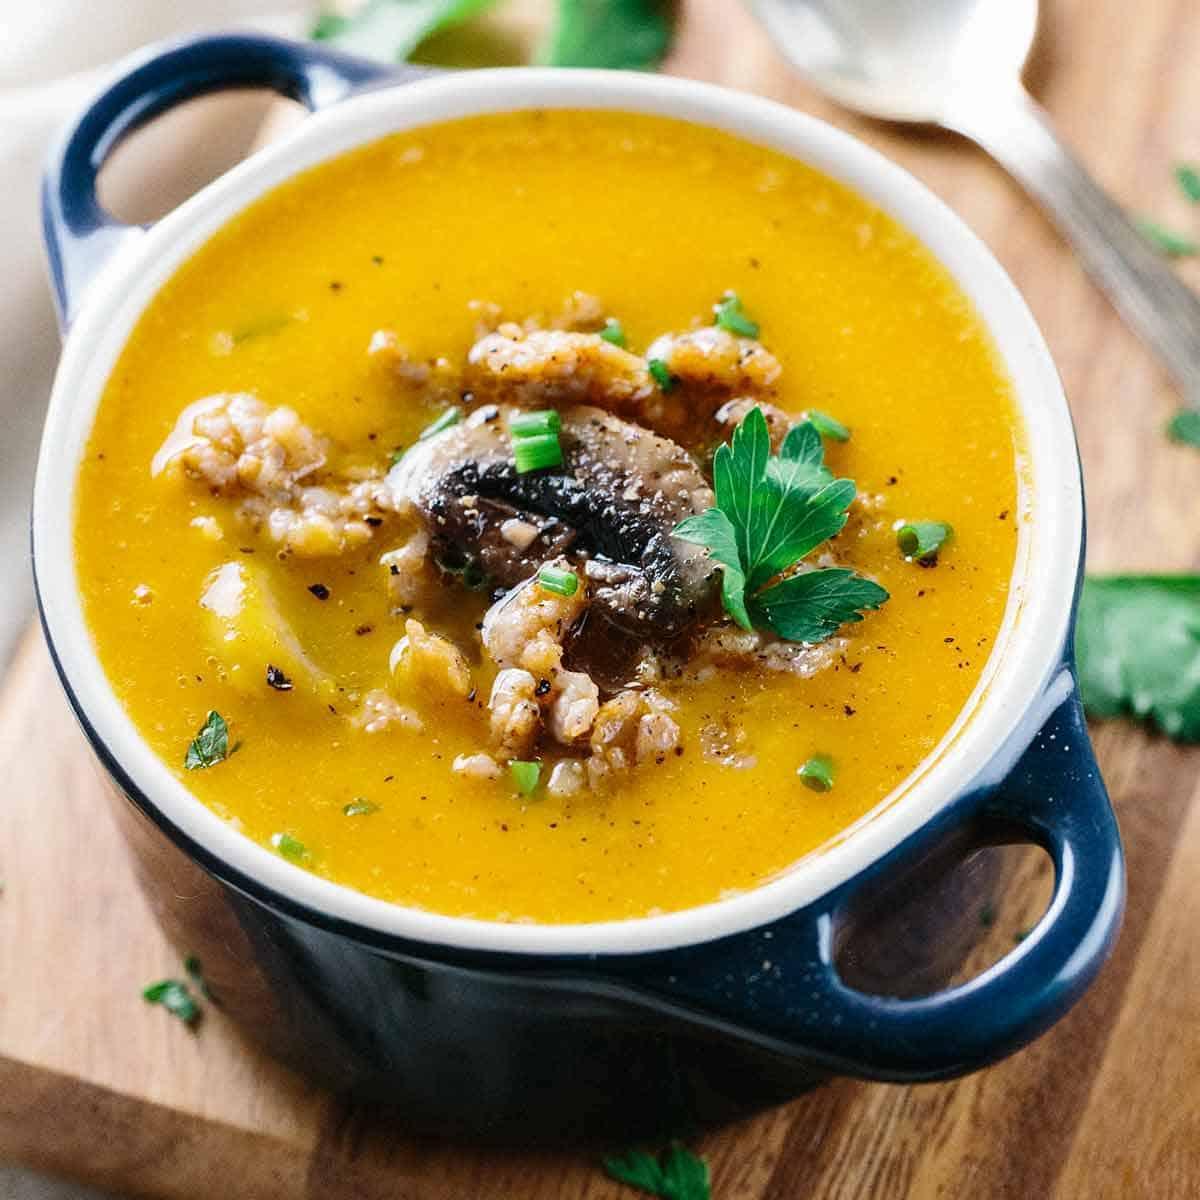 Rustic Italian Butternut Squash Soup Recipe